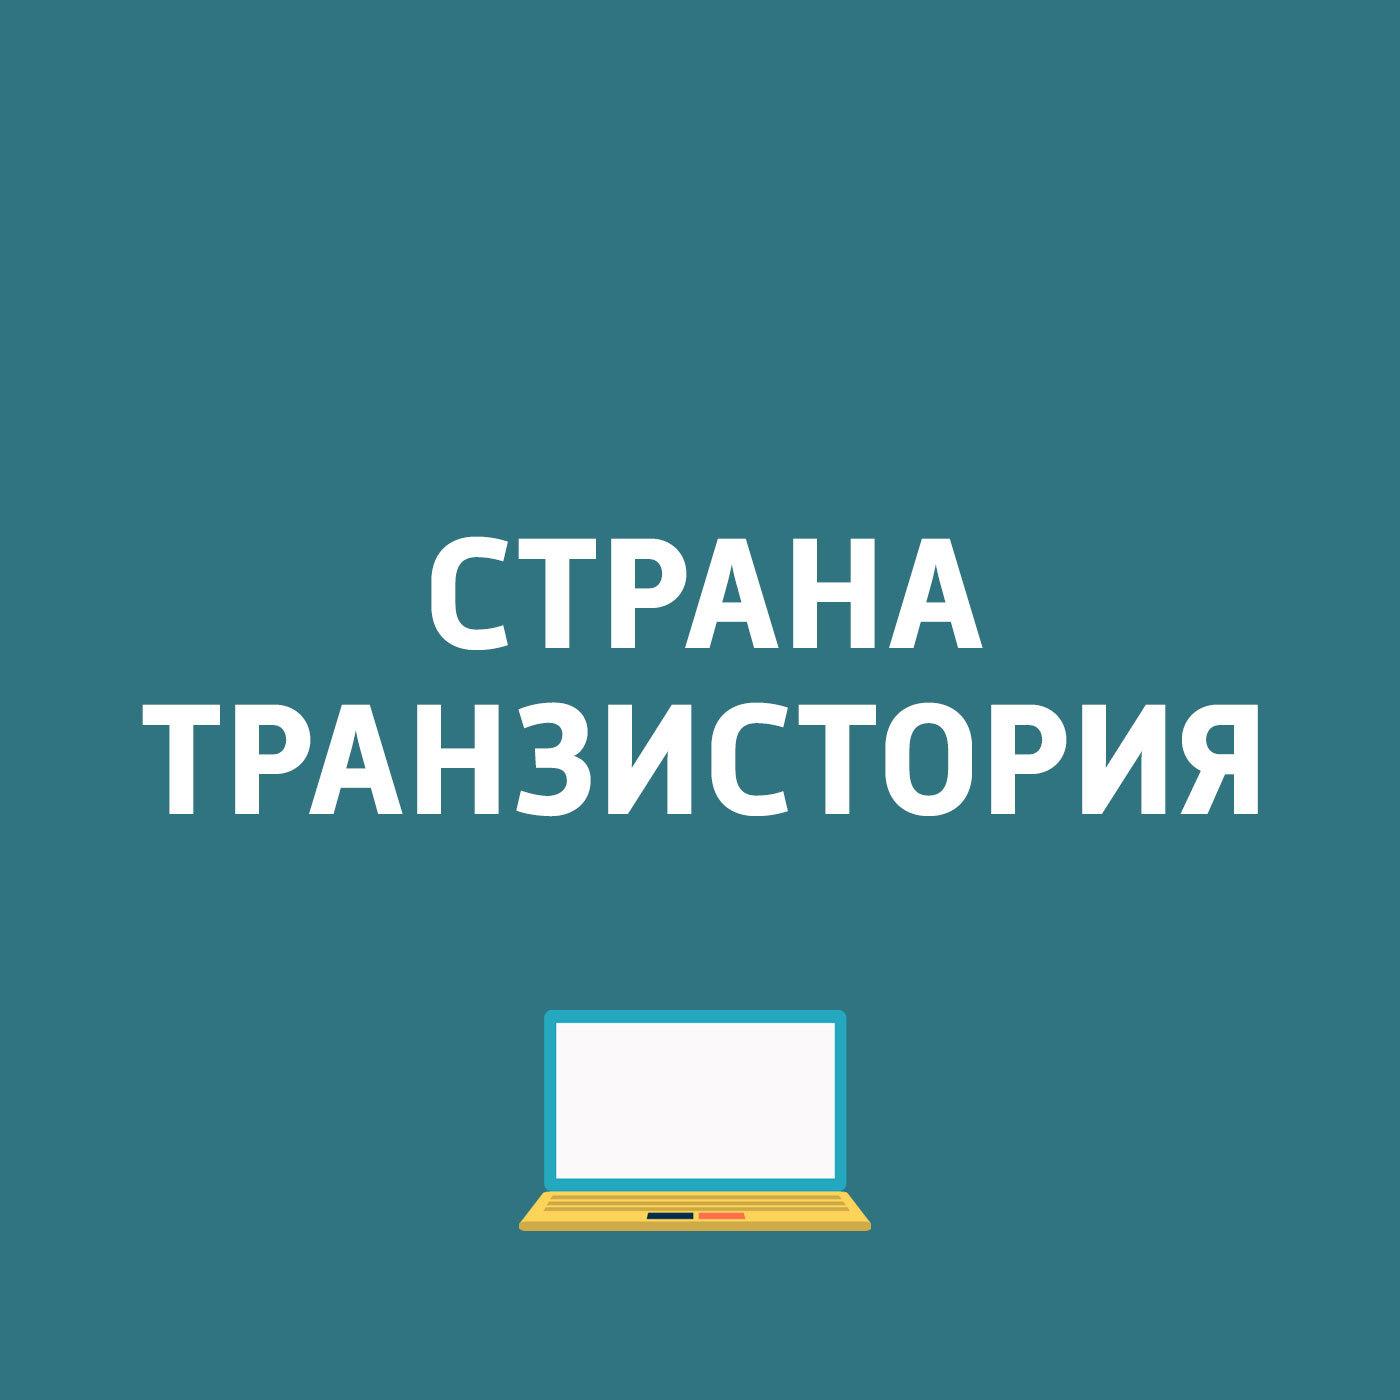 Картаев Павел Продолжает работу CES 2016 картаев павел яндекс подвел музыкальные итоги года в twitter появились прямые трансляции без periscope